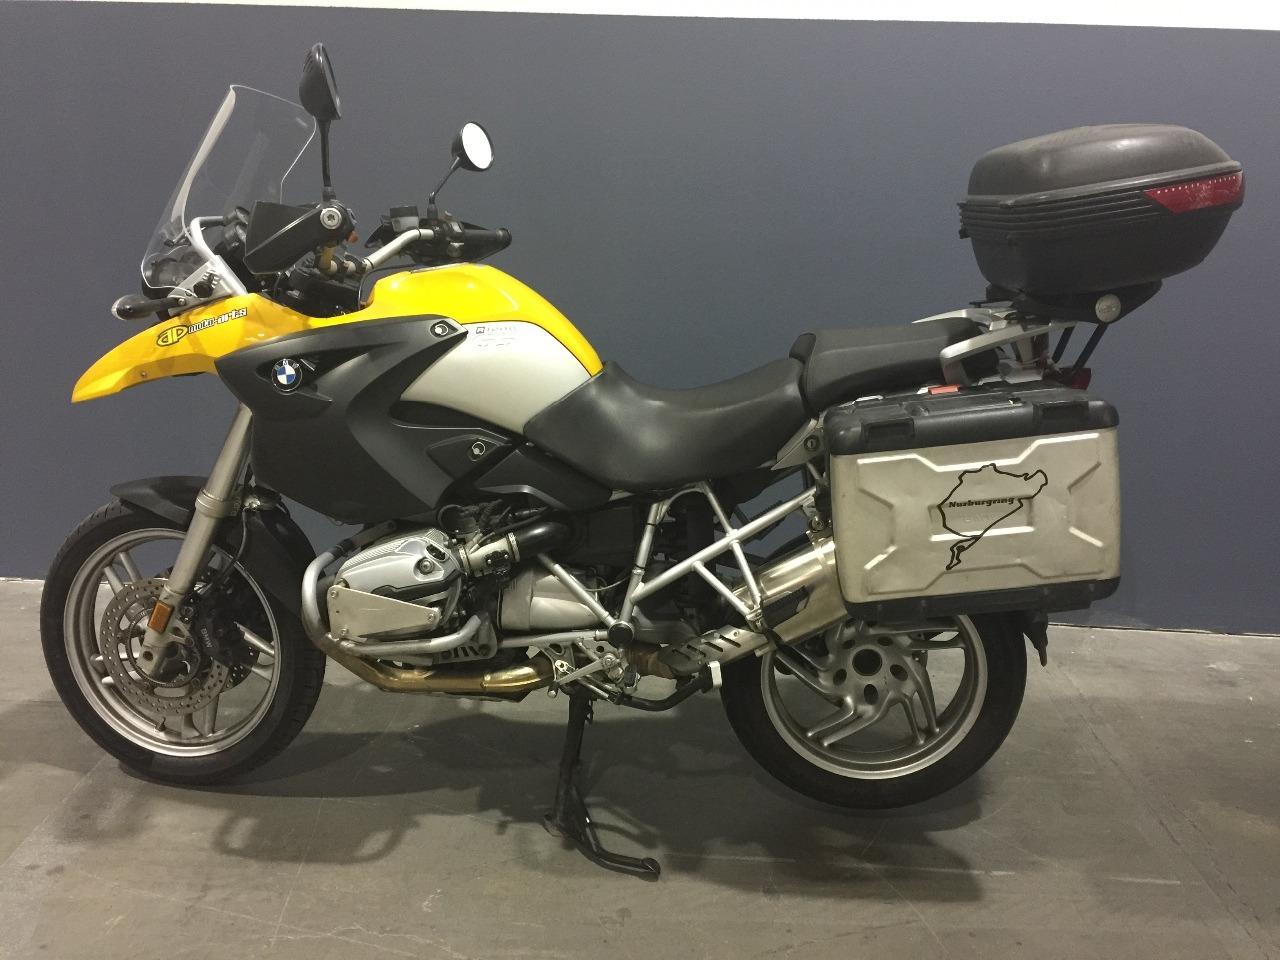 BMW Motorcycles Las Vegas >> Used 2006 Bmw R 1200 Gs Touring Transaction Price 8 500